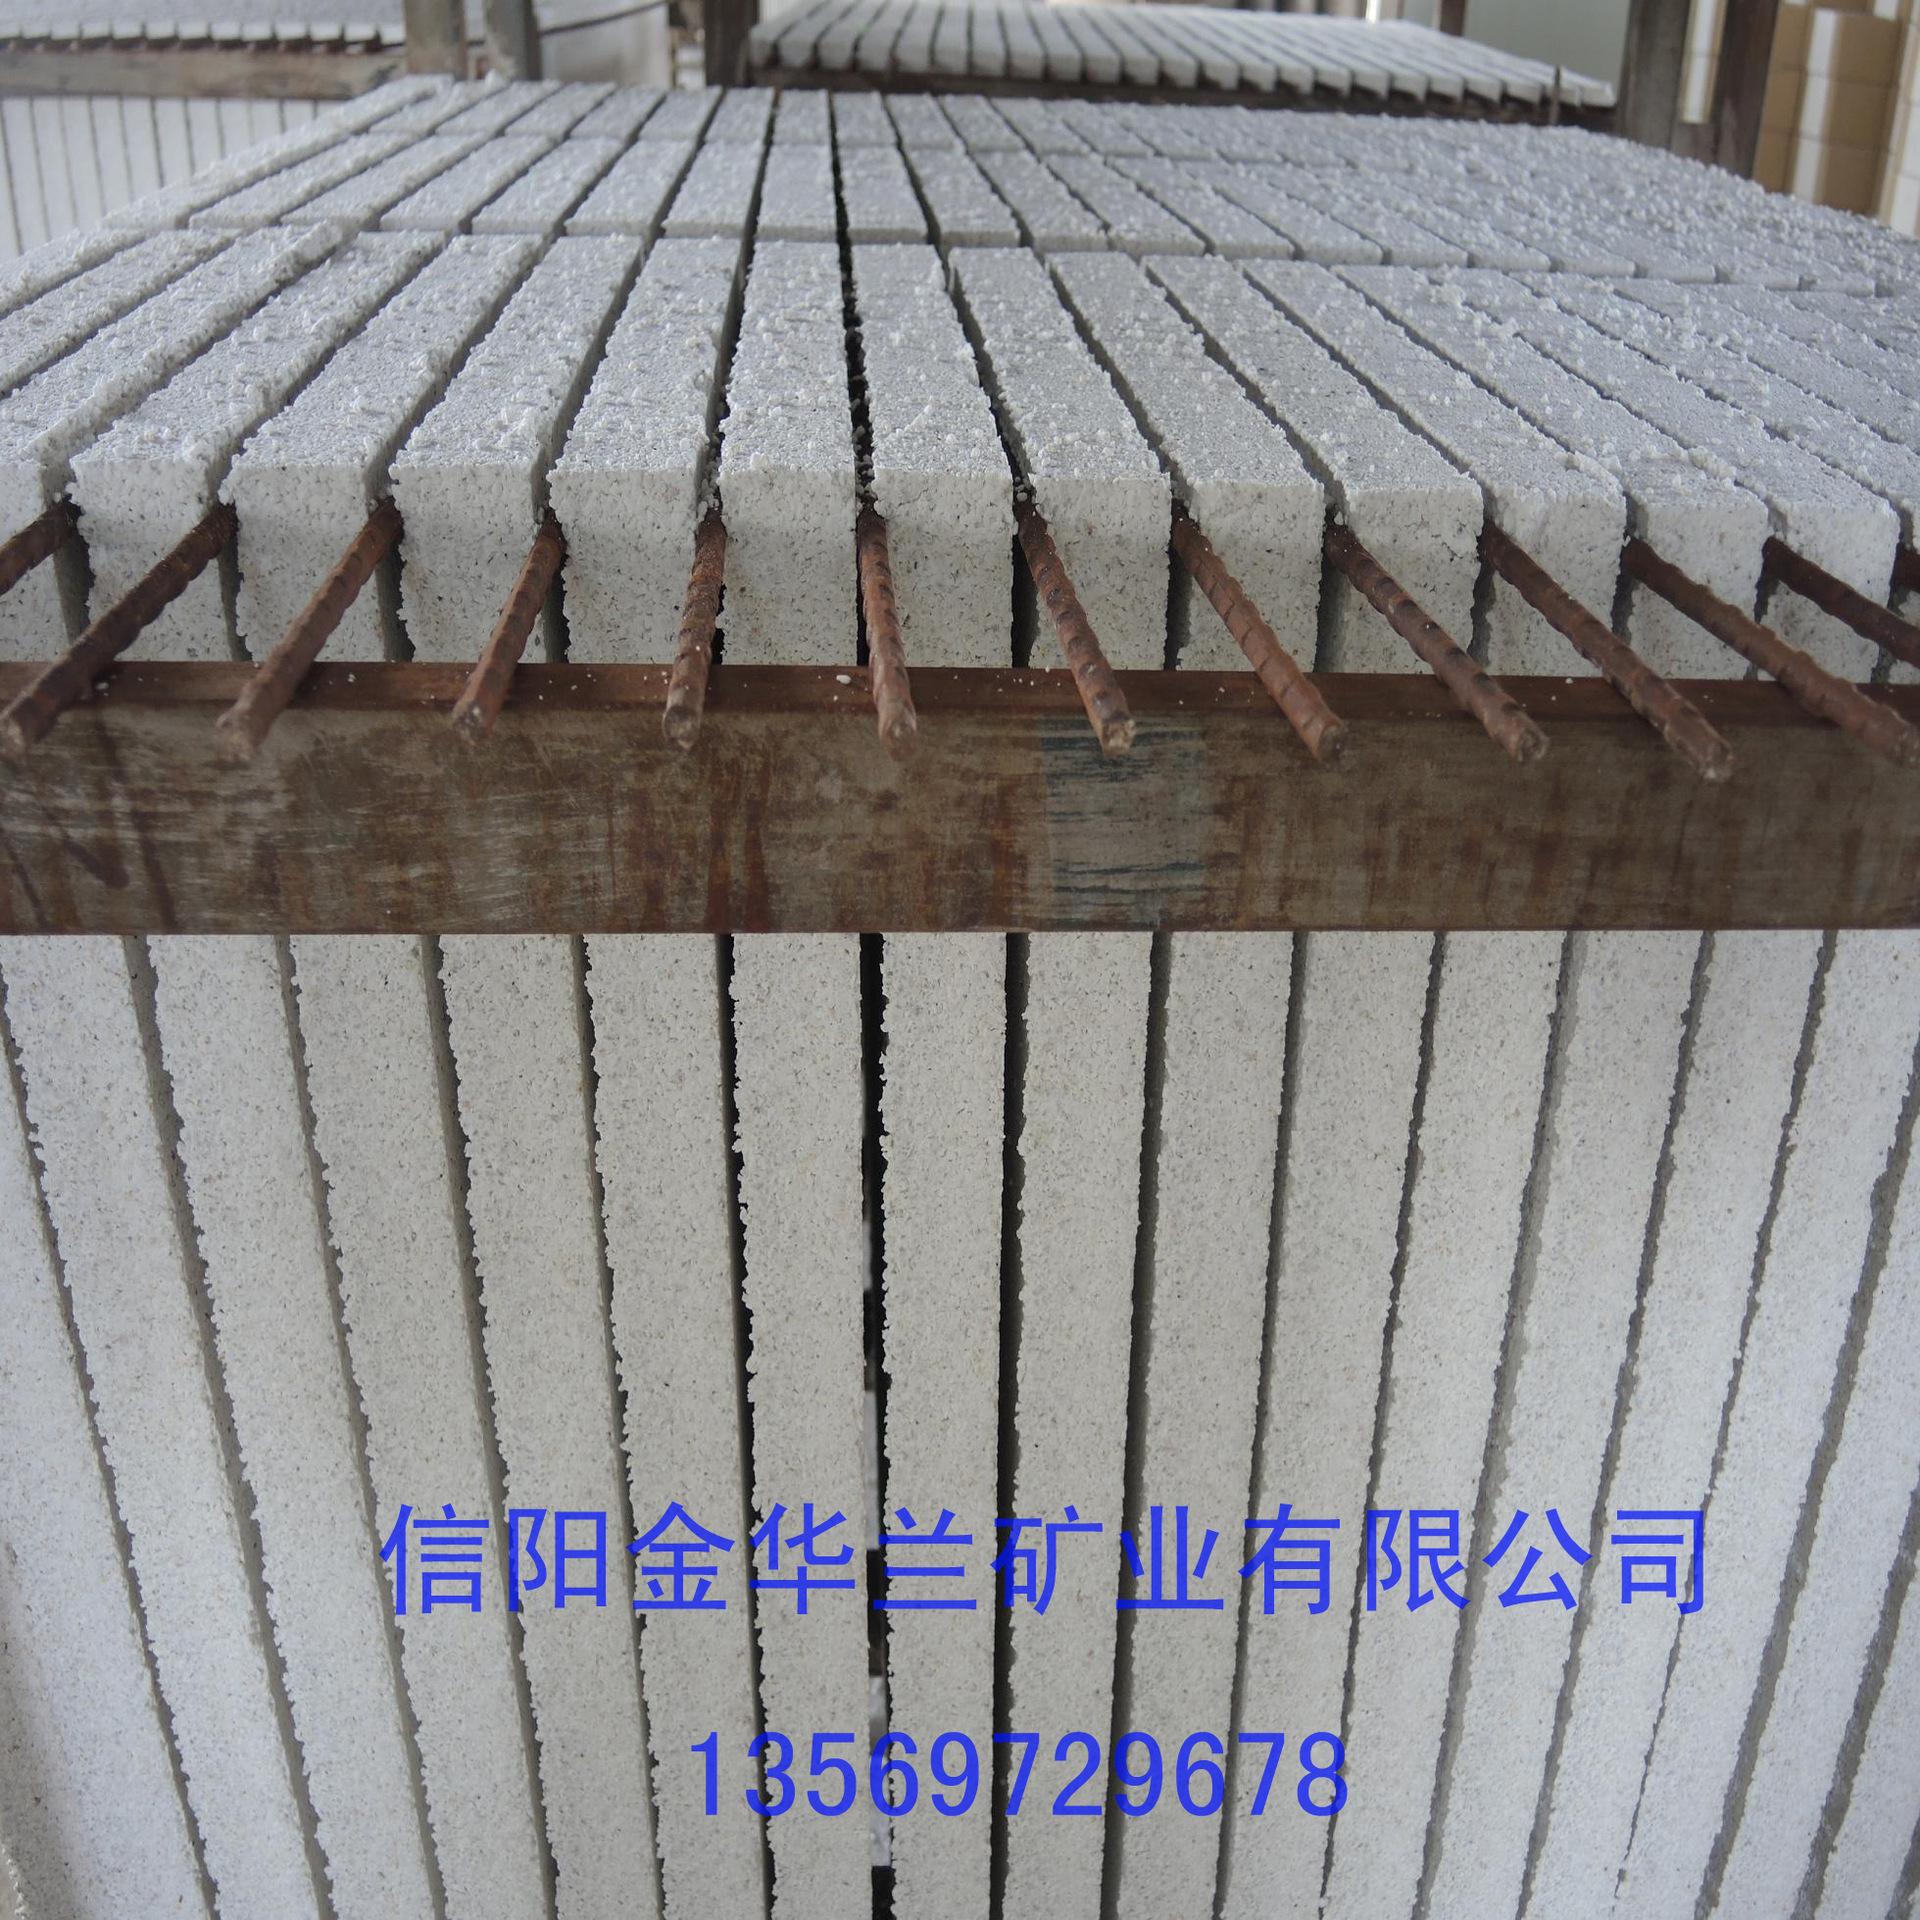 信阳华兰珍珠岩厂家,供应憎水型珍珠岩板 13569729678